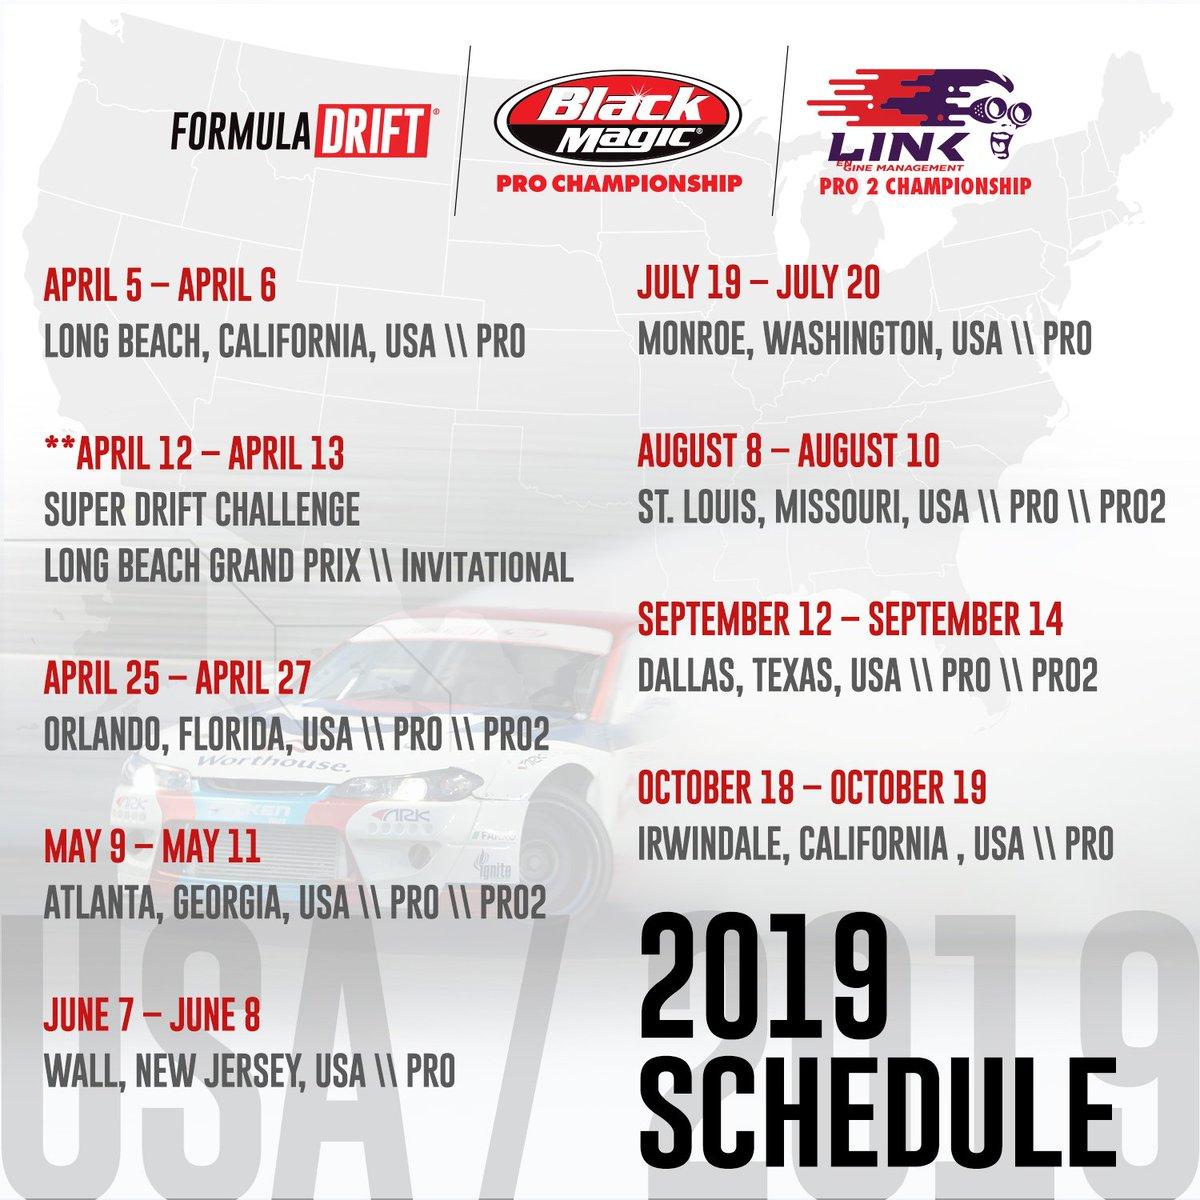 Formula Drift 2019 Schedule Formula Drift on Twitter: